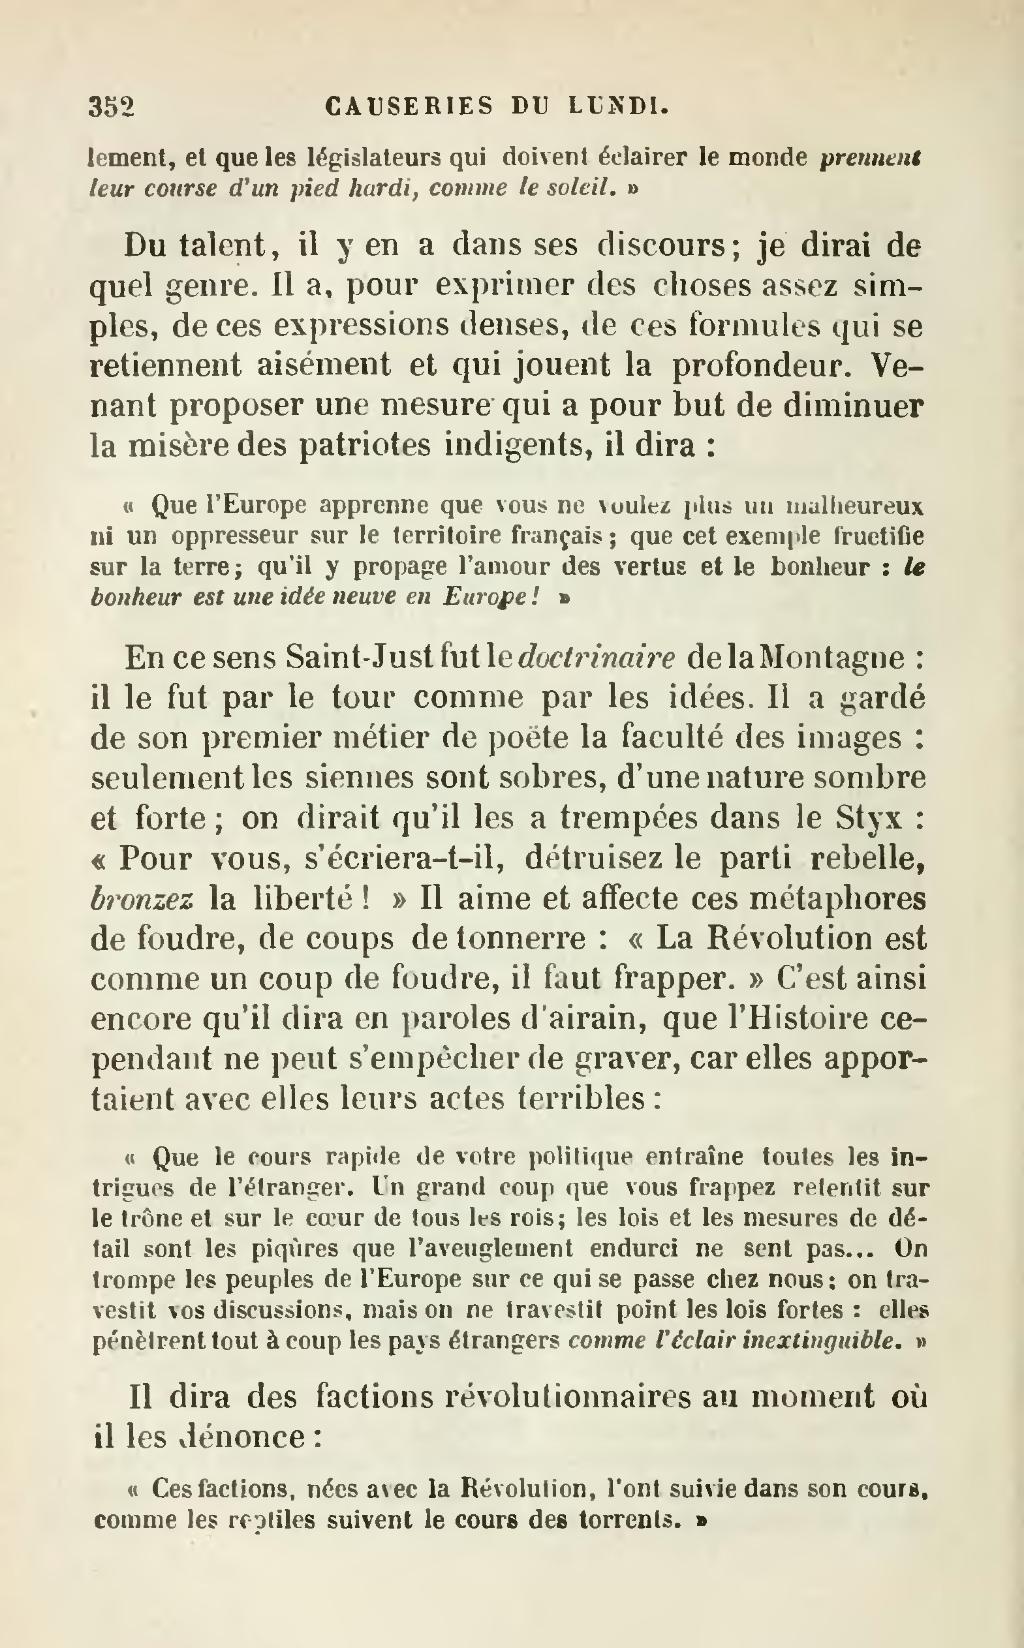 Le Bonheur Est Une Idée Neuve En Europe : bonheur, idée, neuve, europe, Page:Sainte-Beuve, Causeries, Lundi,, éd.djvu/362, Wikisource